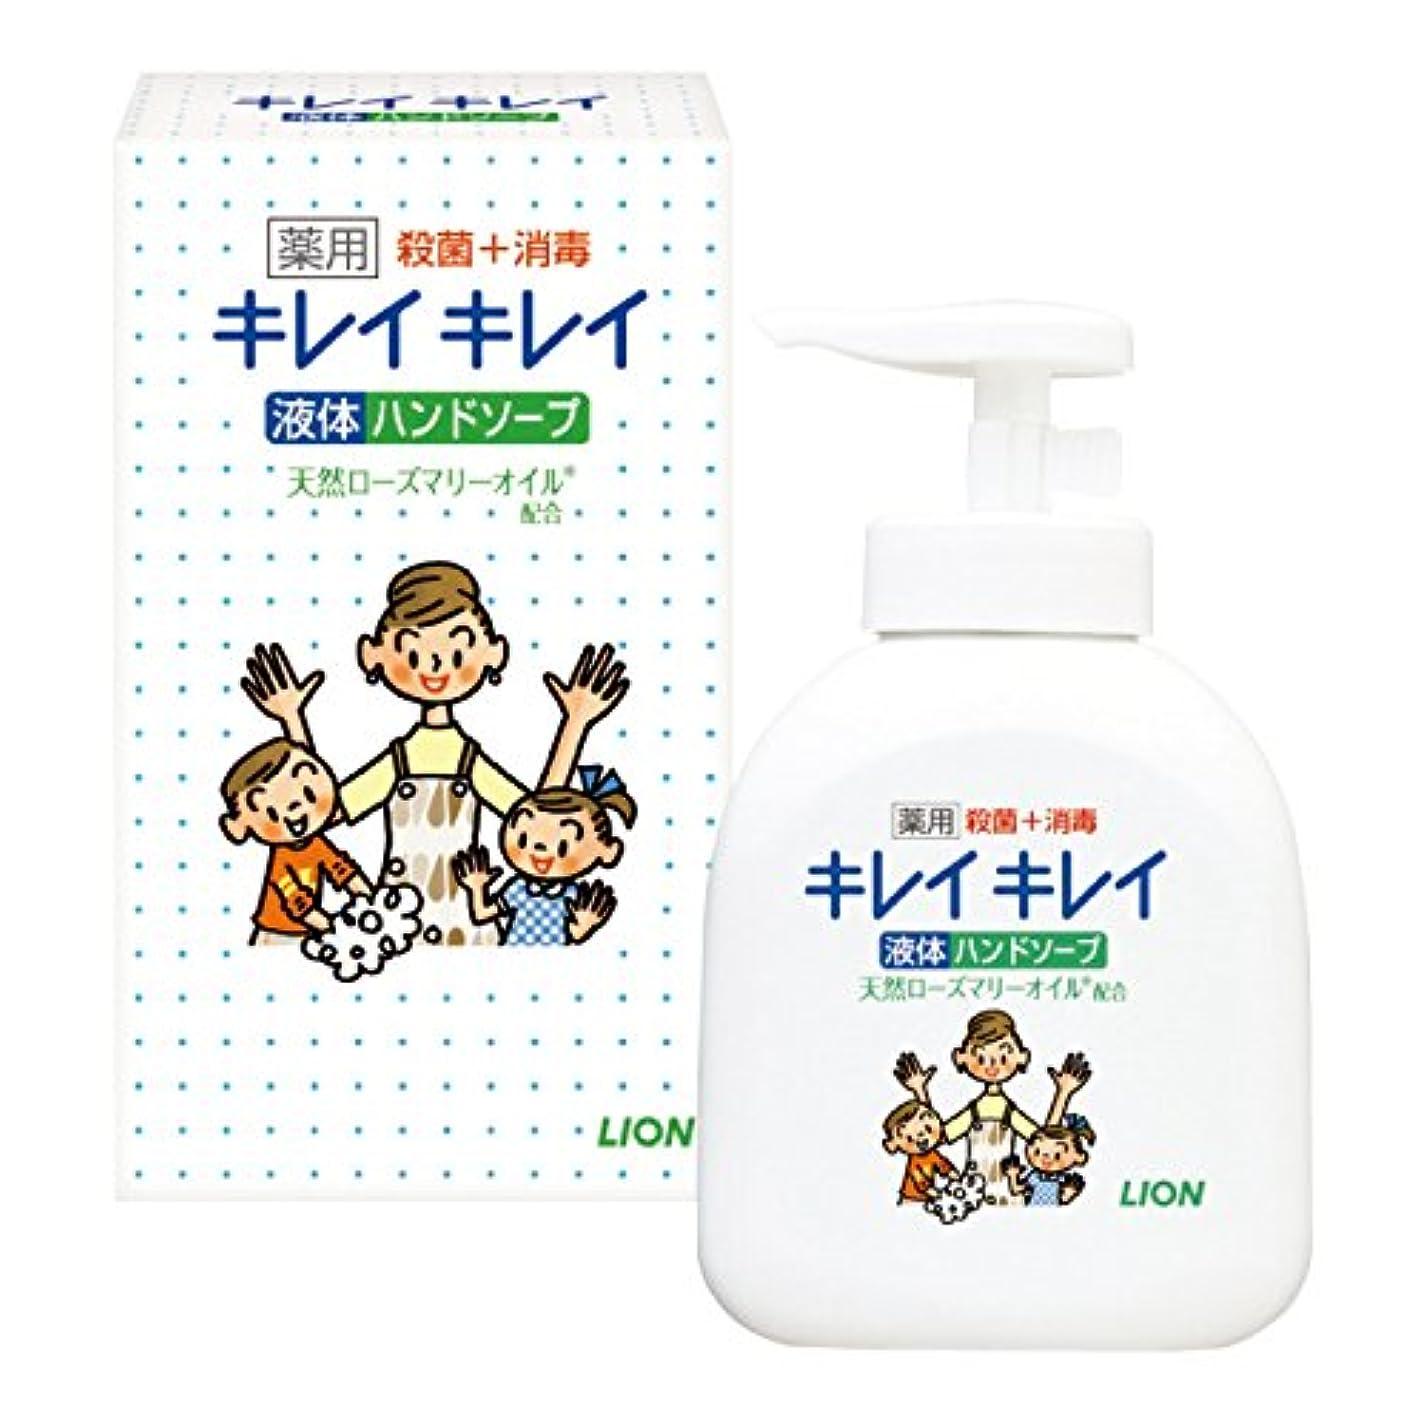 筋鮫パックキレイキレイ薬用液体ハンドソープ(箱入)【25個セット】